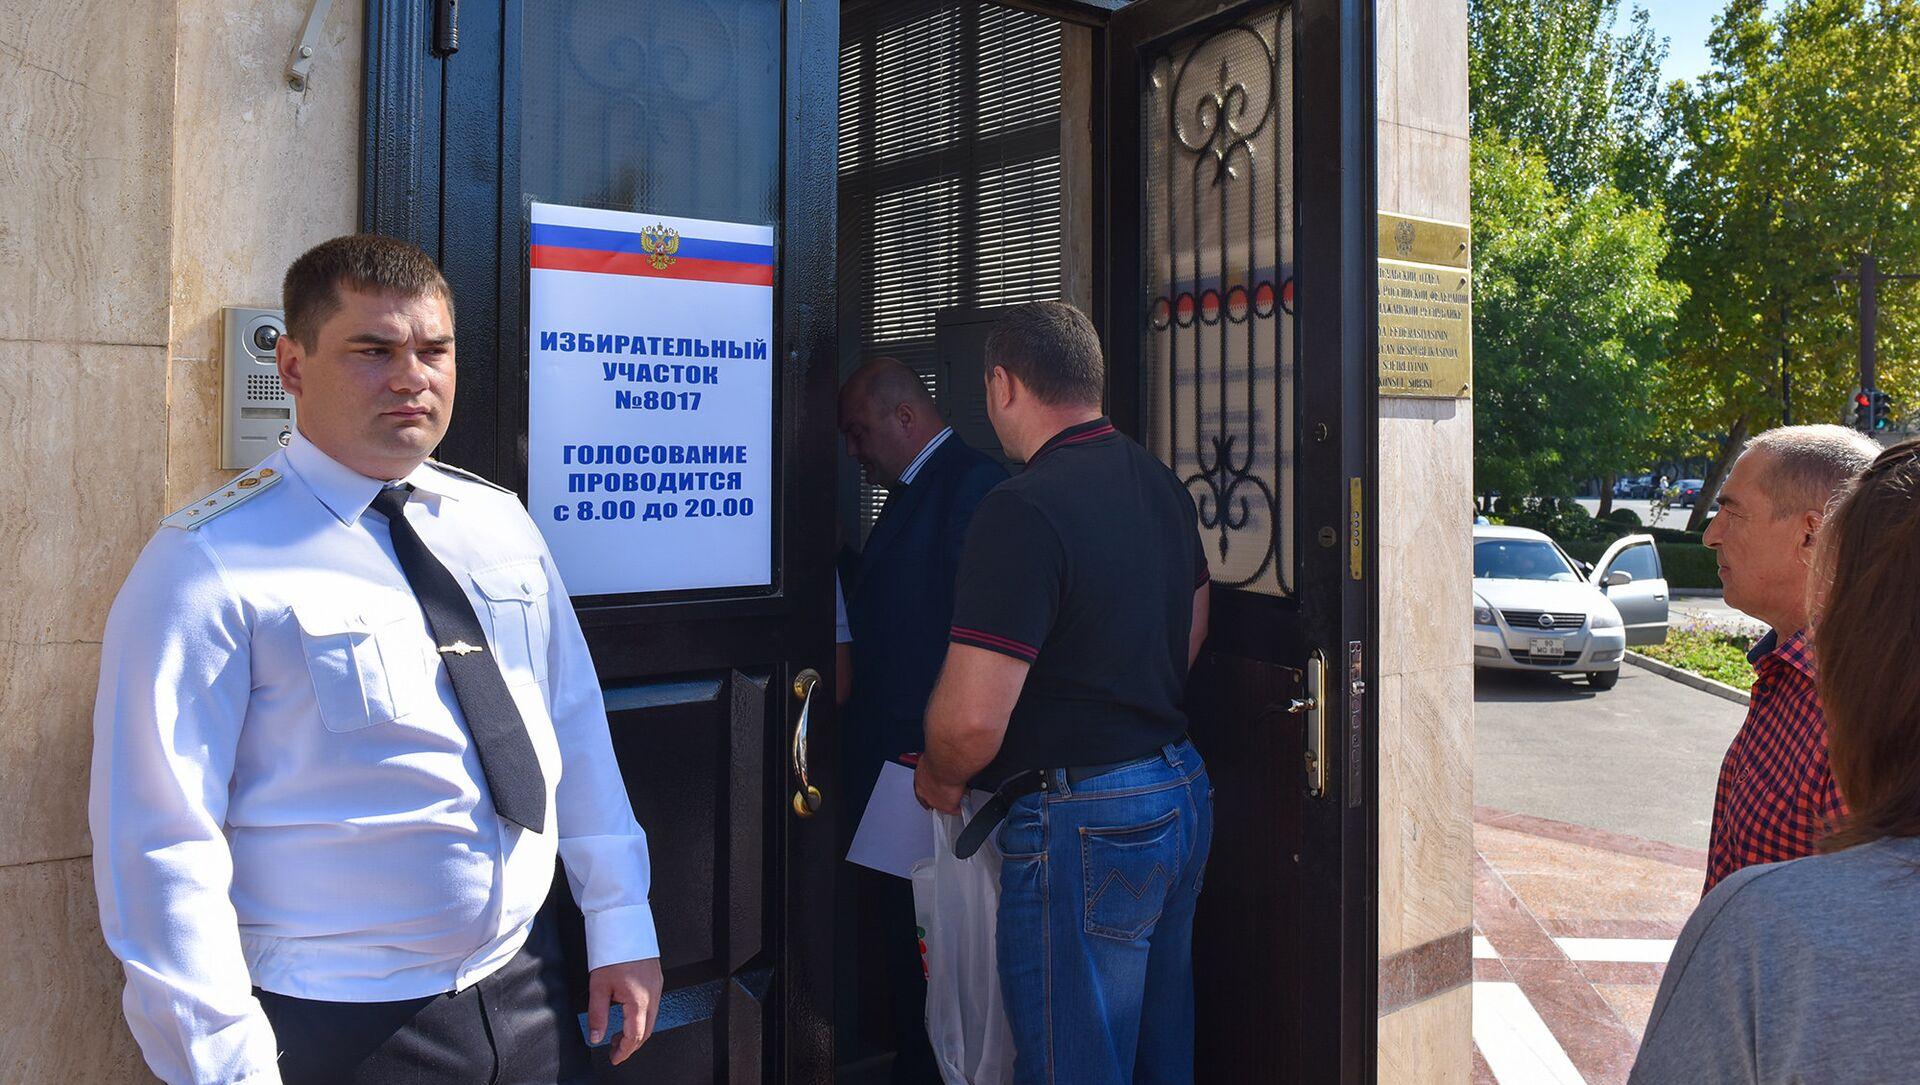 Выборы в Государственную Думу Российской Федерации в посольстве России в Азербайджане - Sputnik Азербайджан, 1920, 16.09.2021